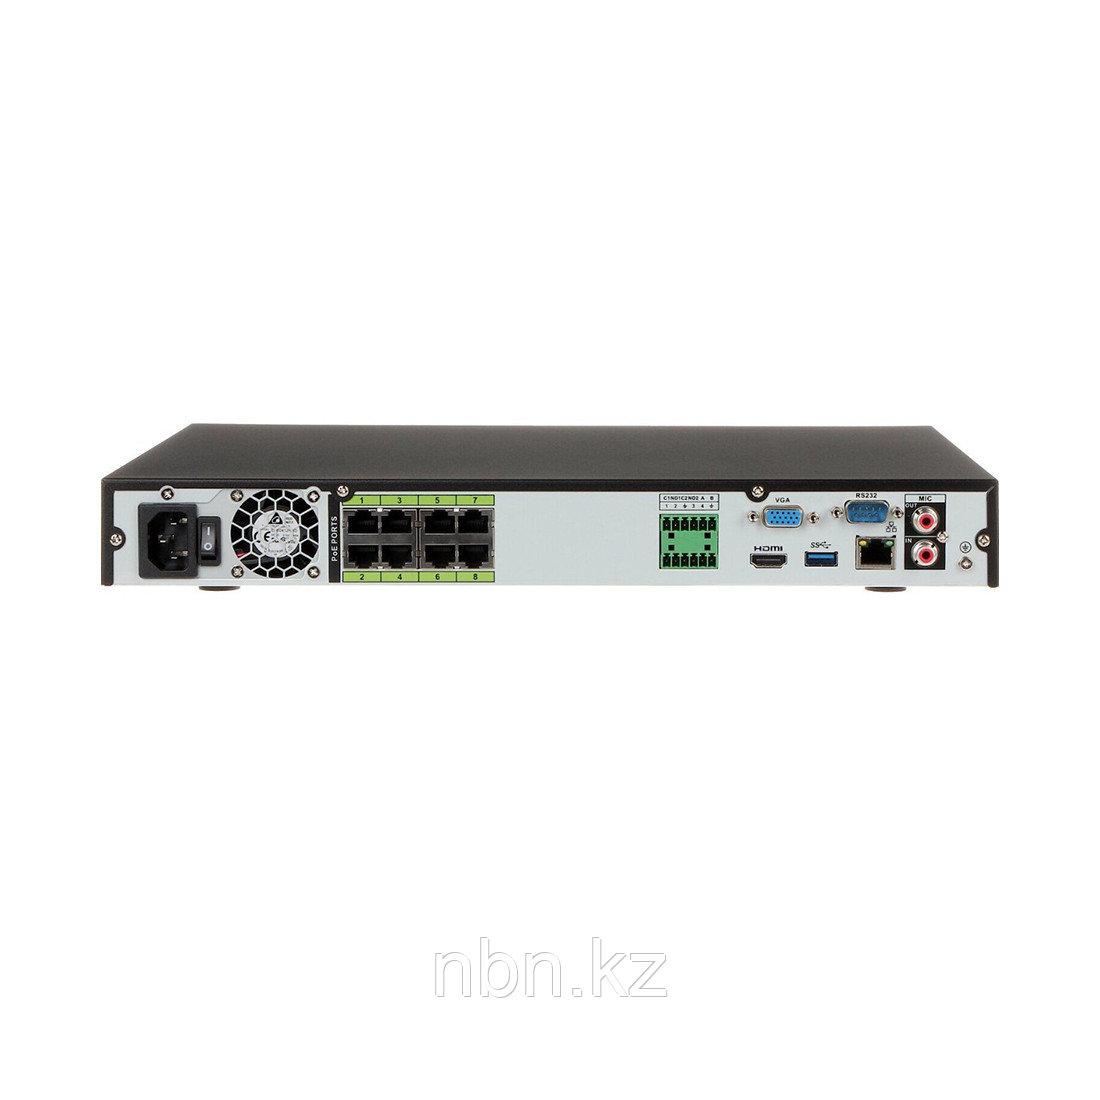 Сетевой видеорегистратор Dahua DHI-NVR5216-8P-I - фото 2